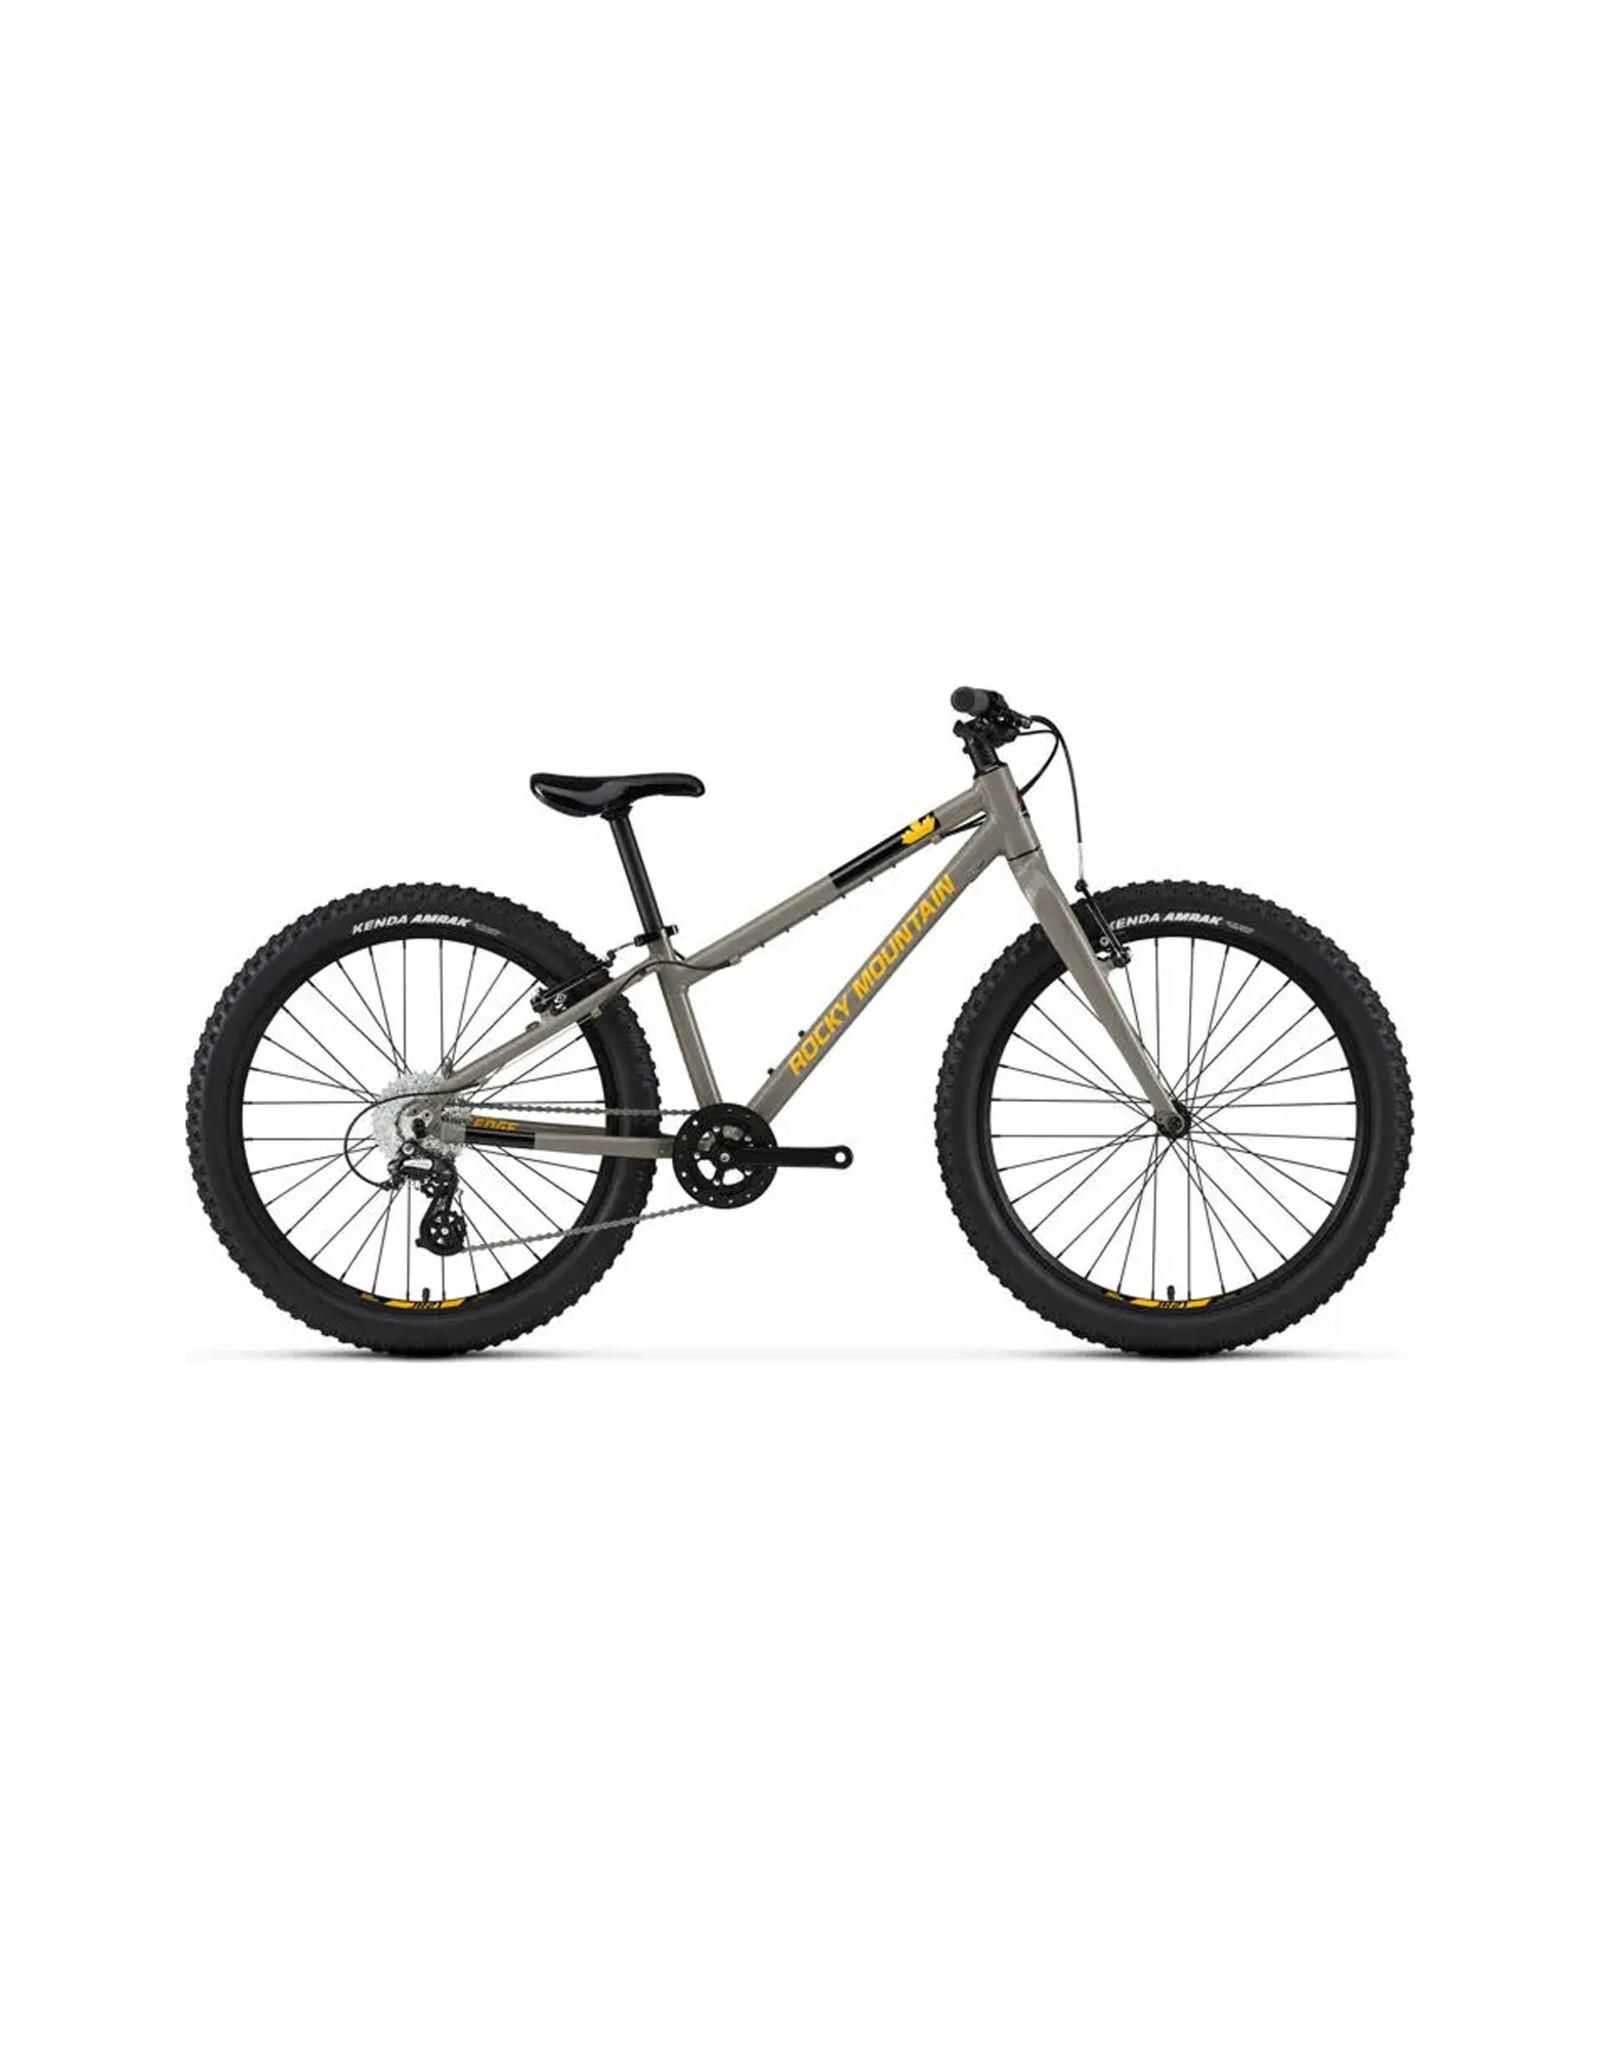 Rocky Mountain Vélo Rocky Mountain Edge 24 2021